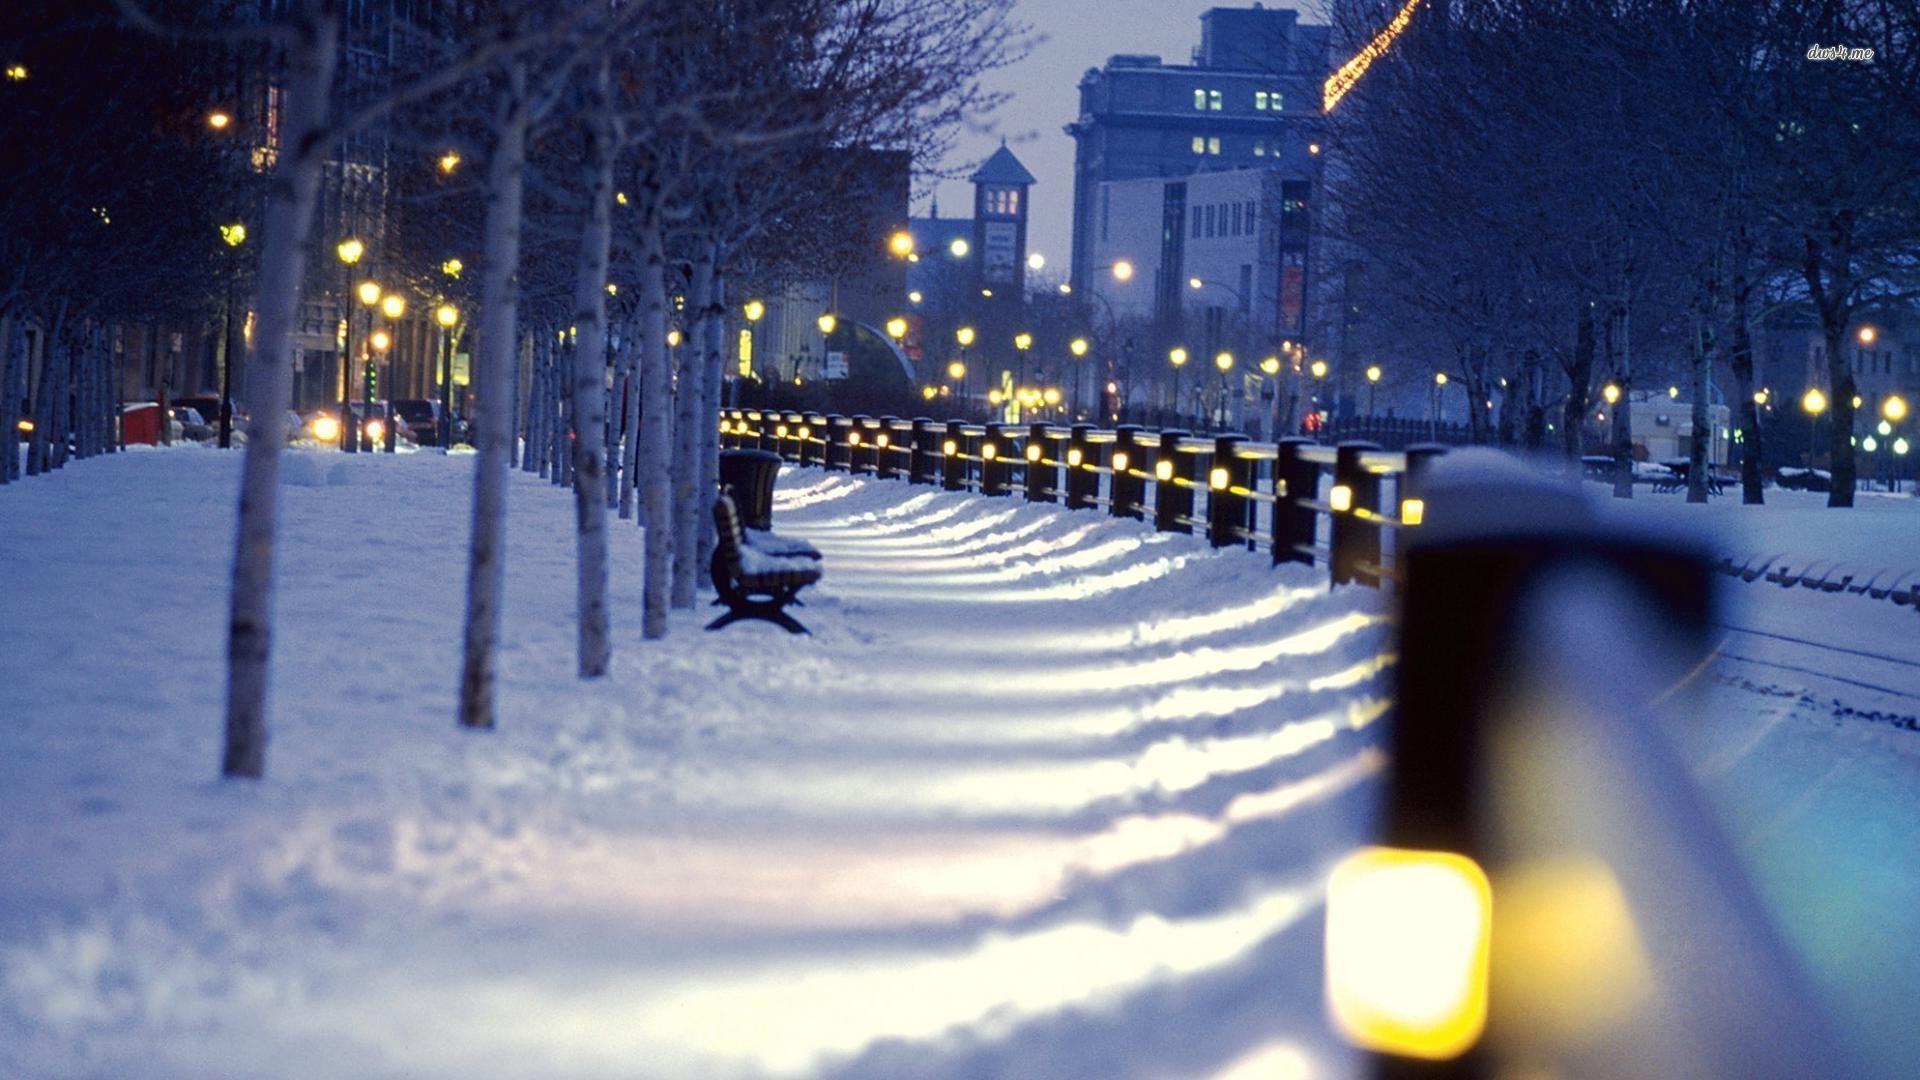 Winter City Wallpaper Widescreen